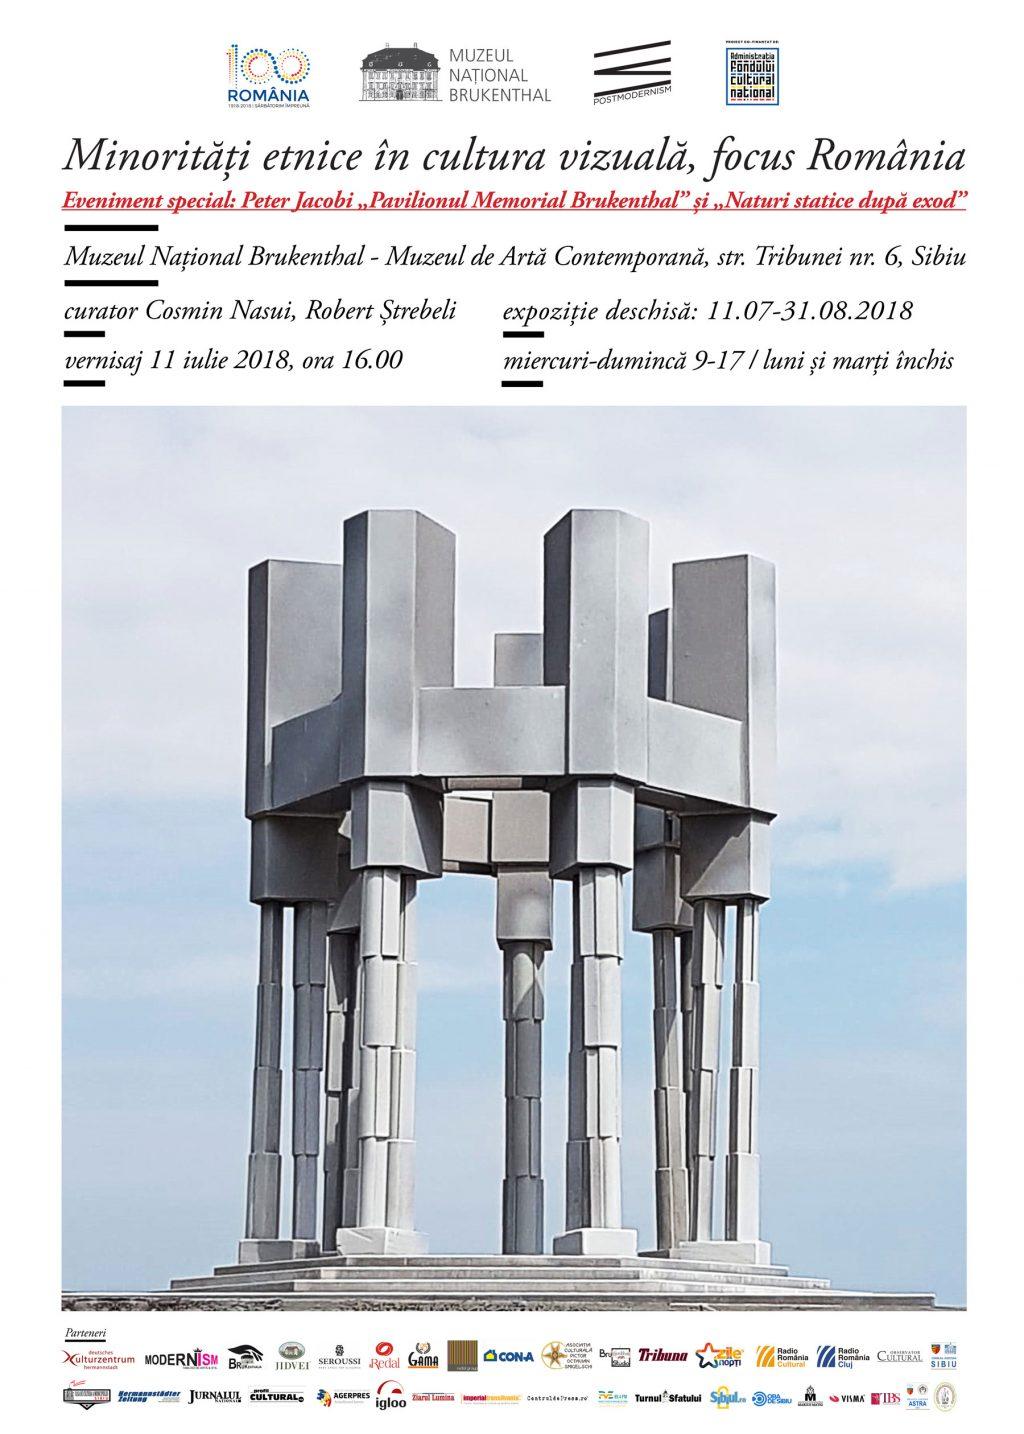 """Minoritati etnice in cultura vizuala, focus Romania @ Muzeul National Brukenthal Eveniment special in cadrul proiectului: Peter Jacobi, cu """"Pavilionul Memorial Brukenthal"""" si """"Naturi statice dupa exod"""""""